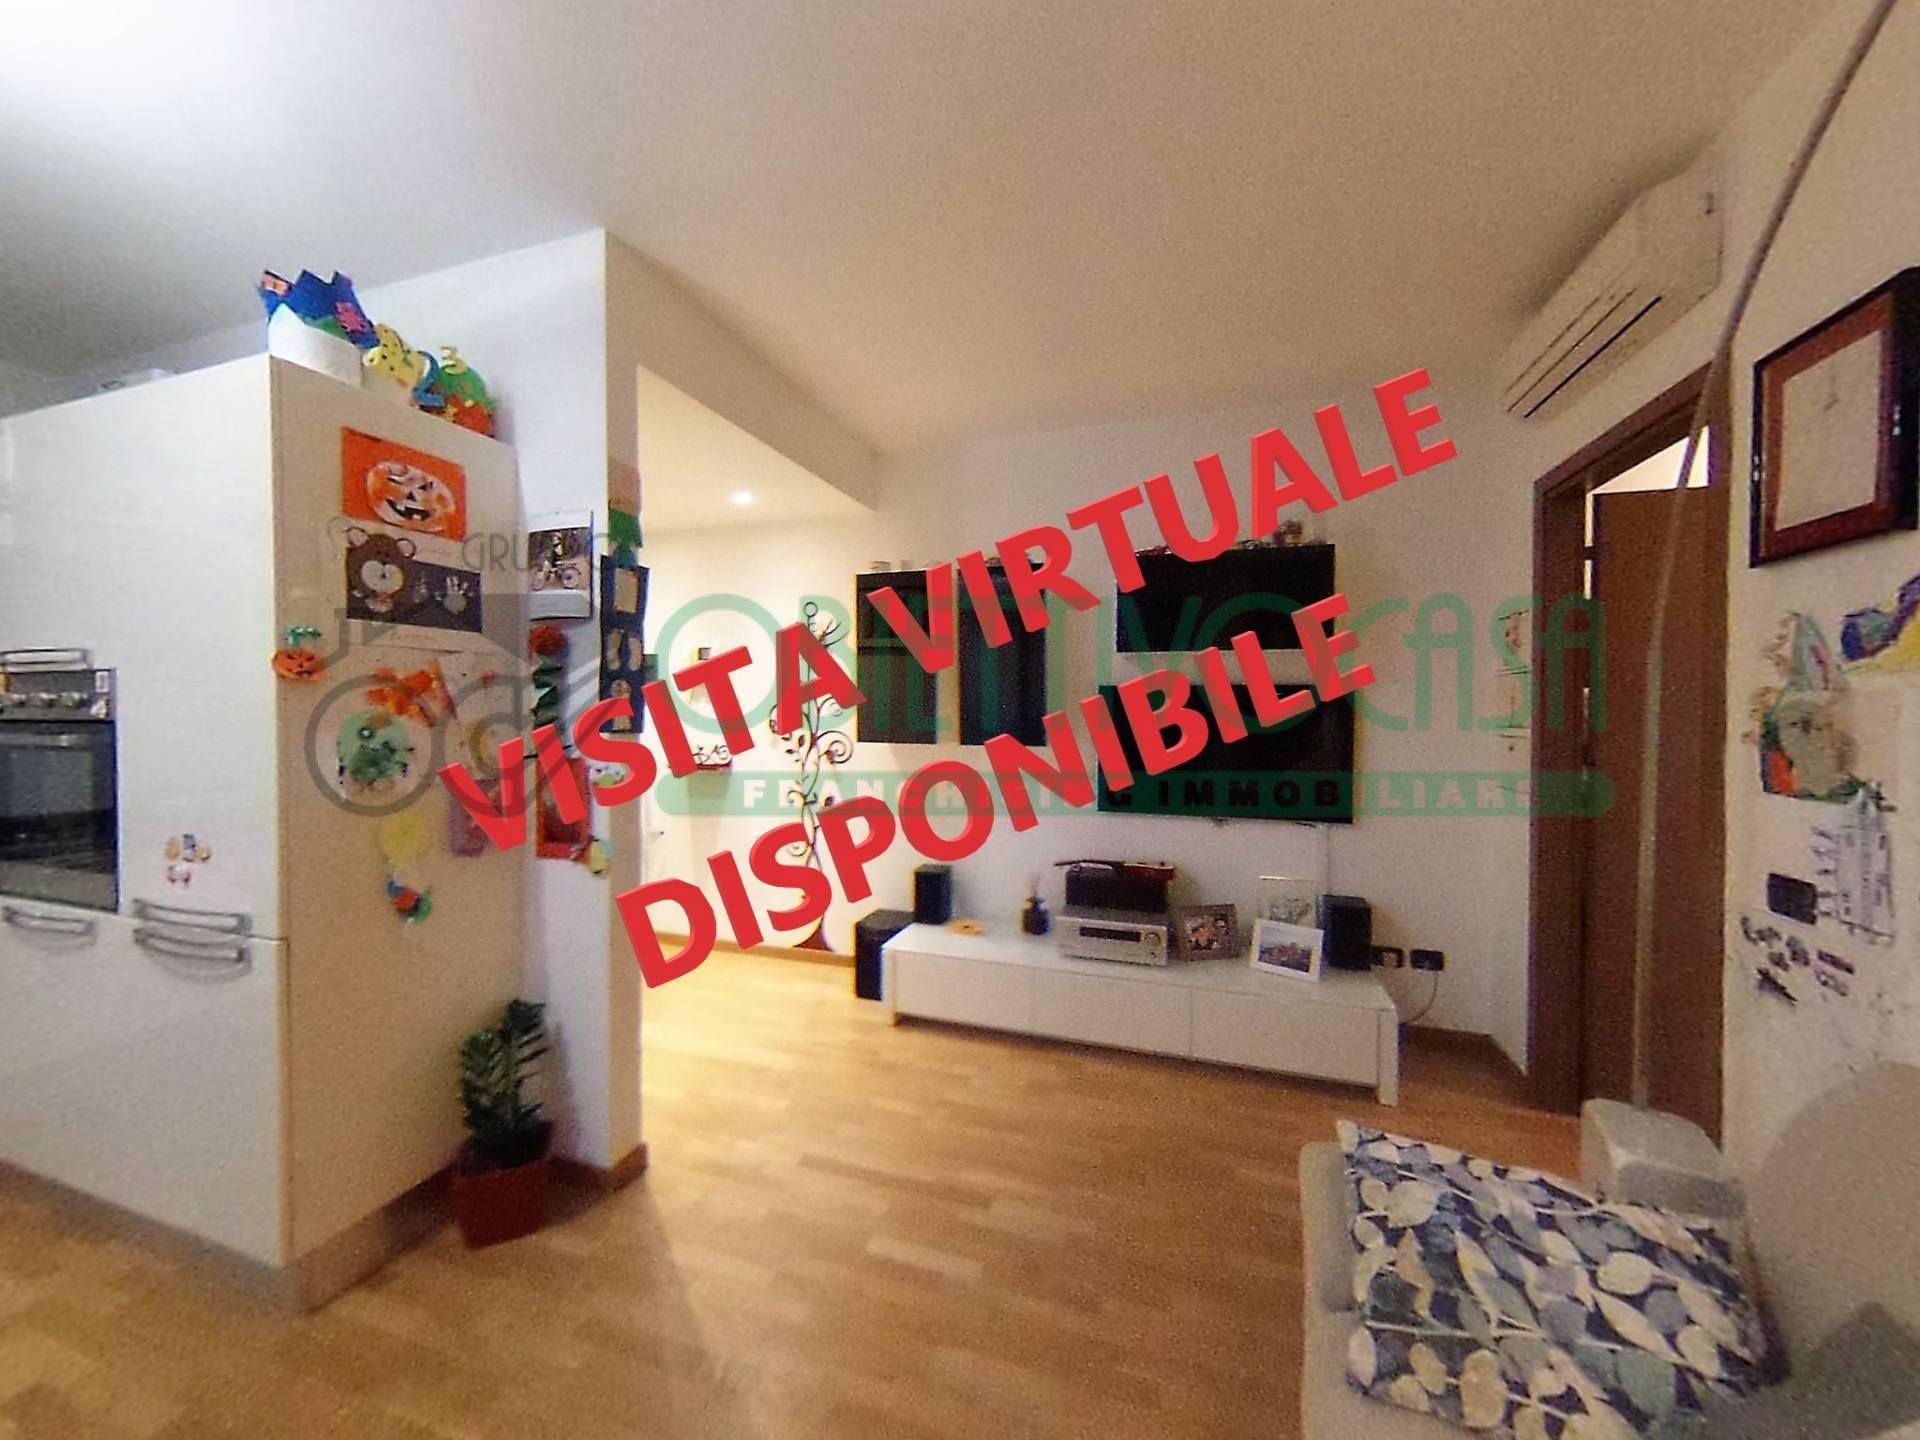 Agenzie Immobiliari Corsico obiettivocasa corsico a corsico, via ugo foscolo 54 (angolo